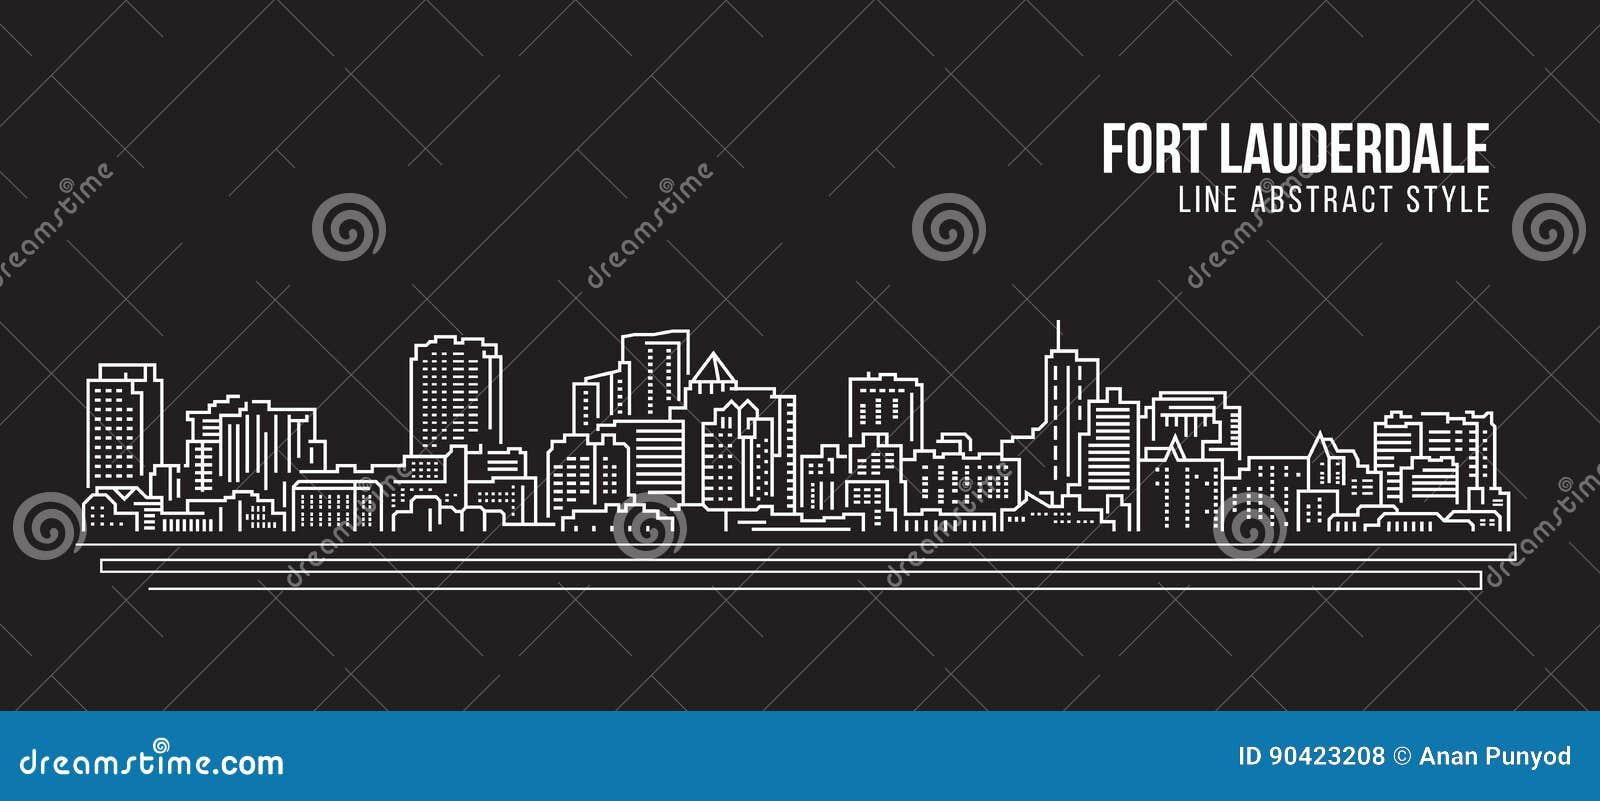 Διανυσματικό σχέδιο απεικόνισης τέχνης γραμμών κτηρίου εικονικής παράστασης πόλης - πόλη του Fort Lauderdale